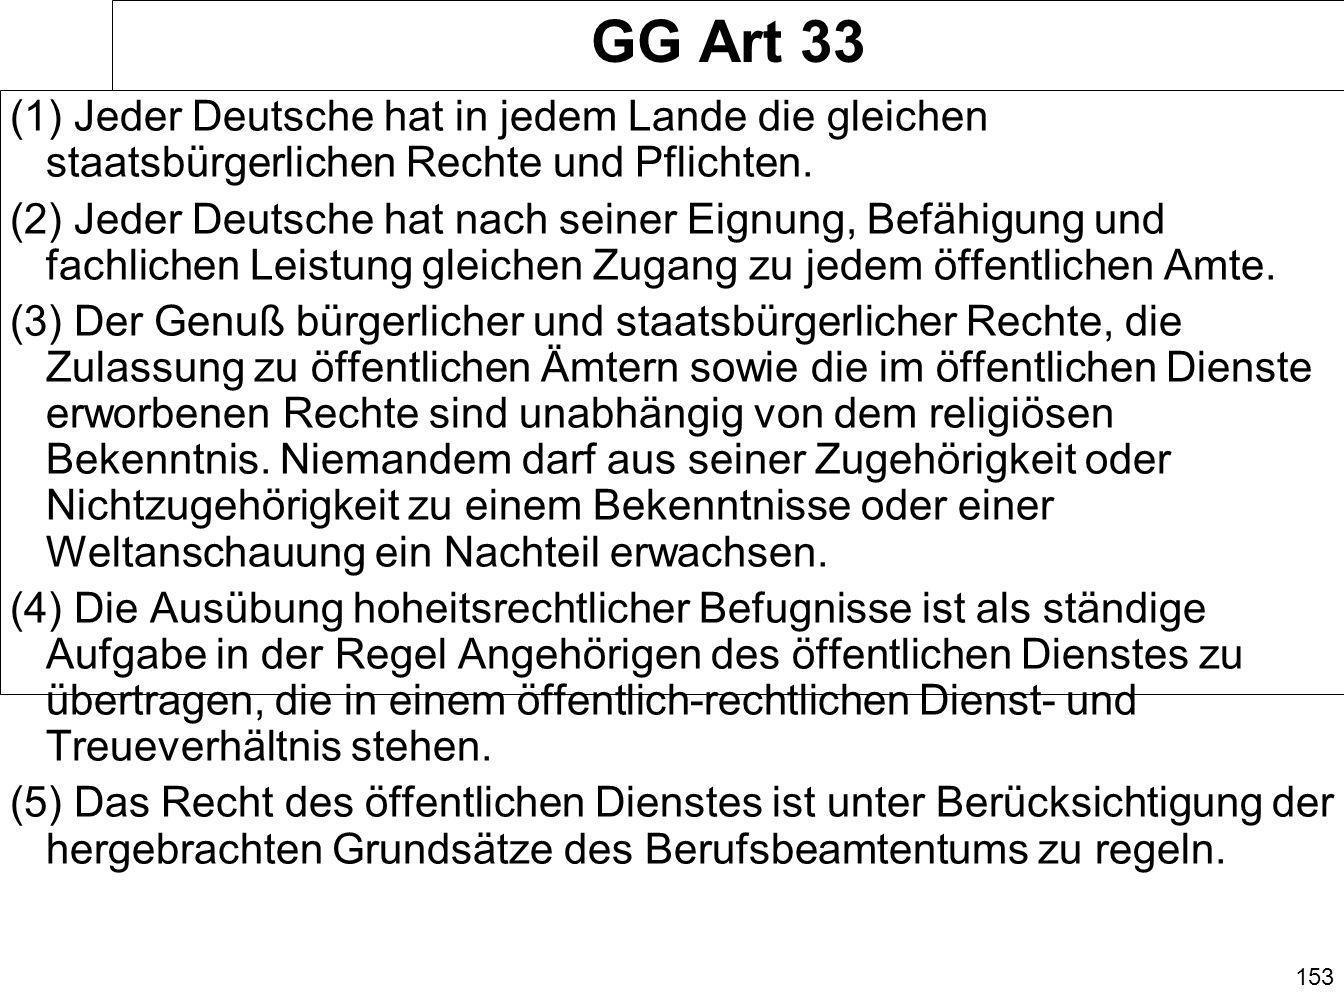 GG Art 33 (1) Jeder Deutsche hat in jedem Lande die gleichen staatsbürgerlichen Rechte und Pflichten.